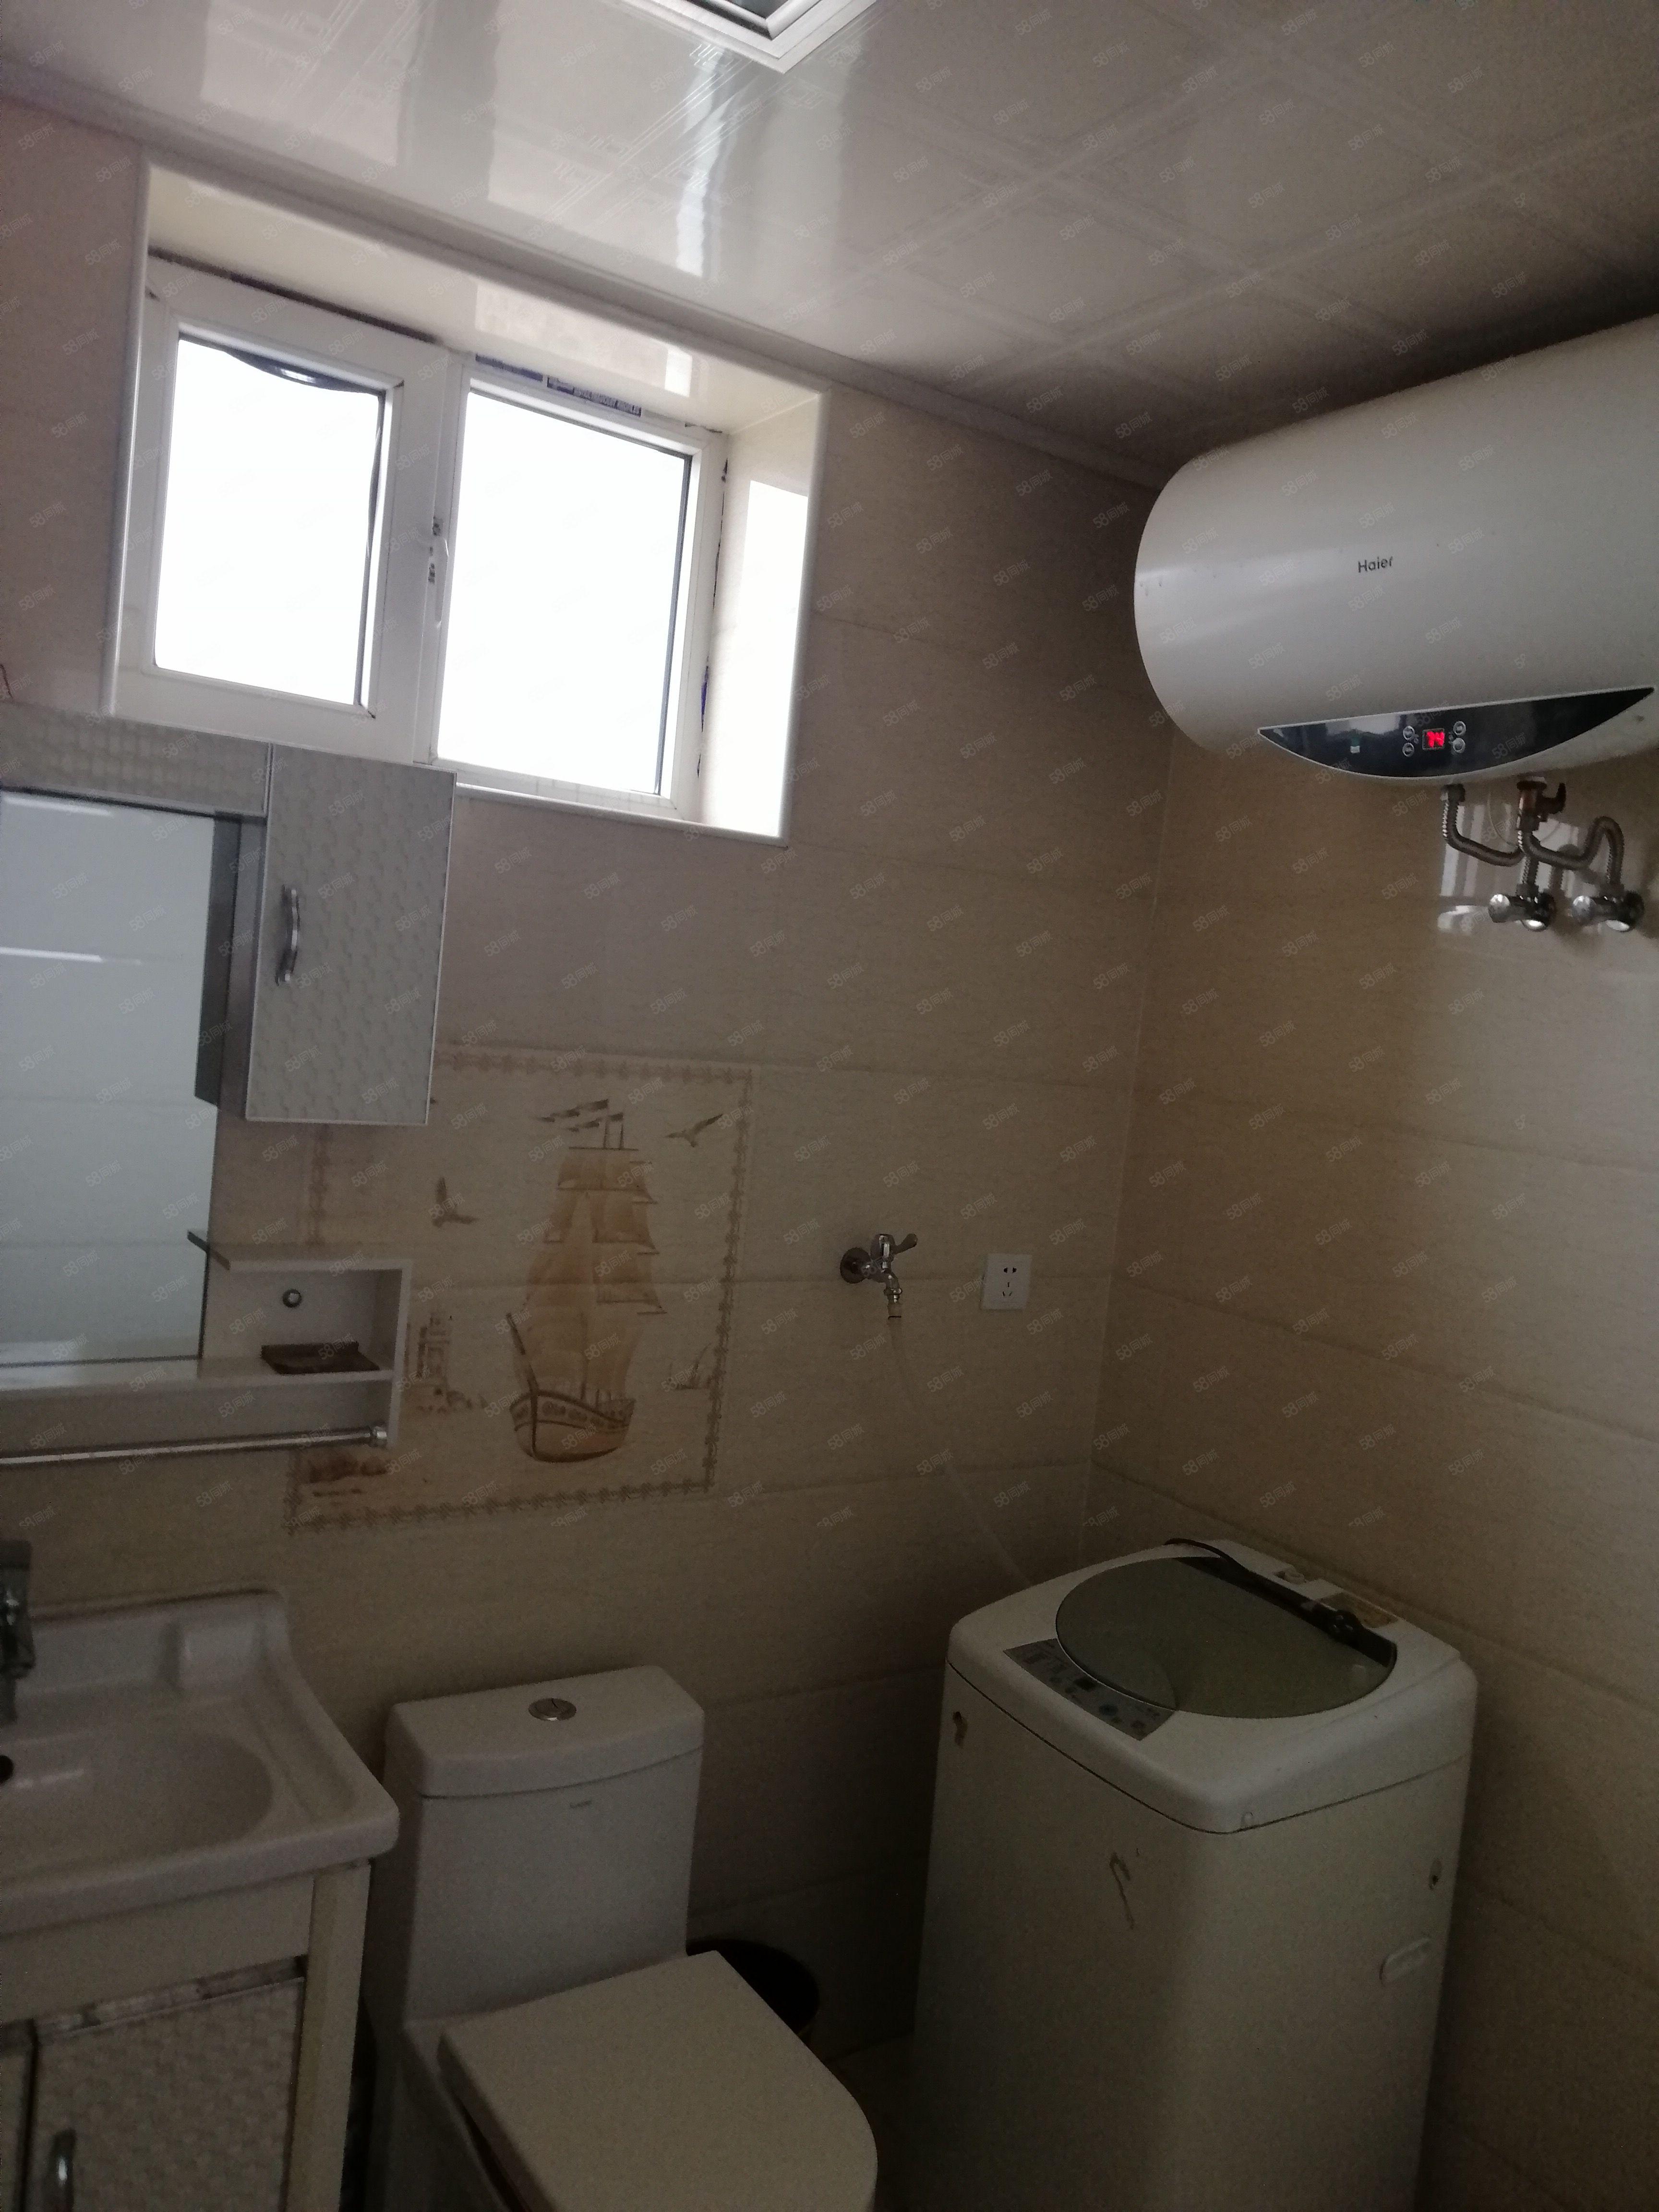 出租闻汇小区新地暖房,简单装修